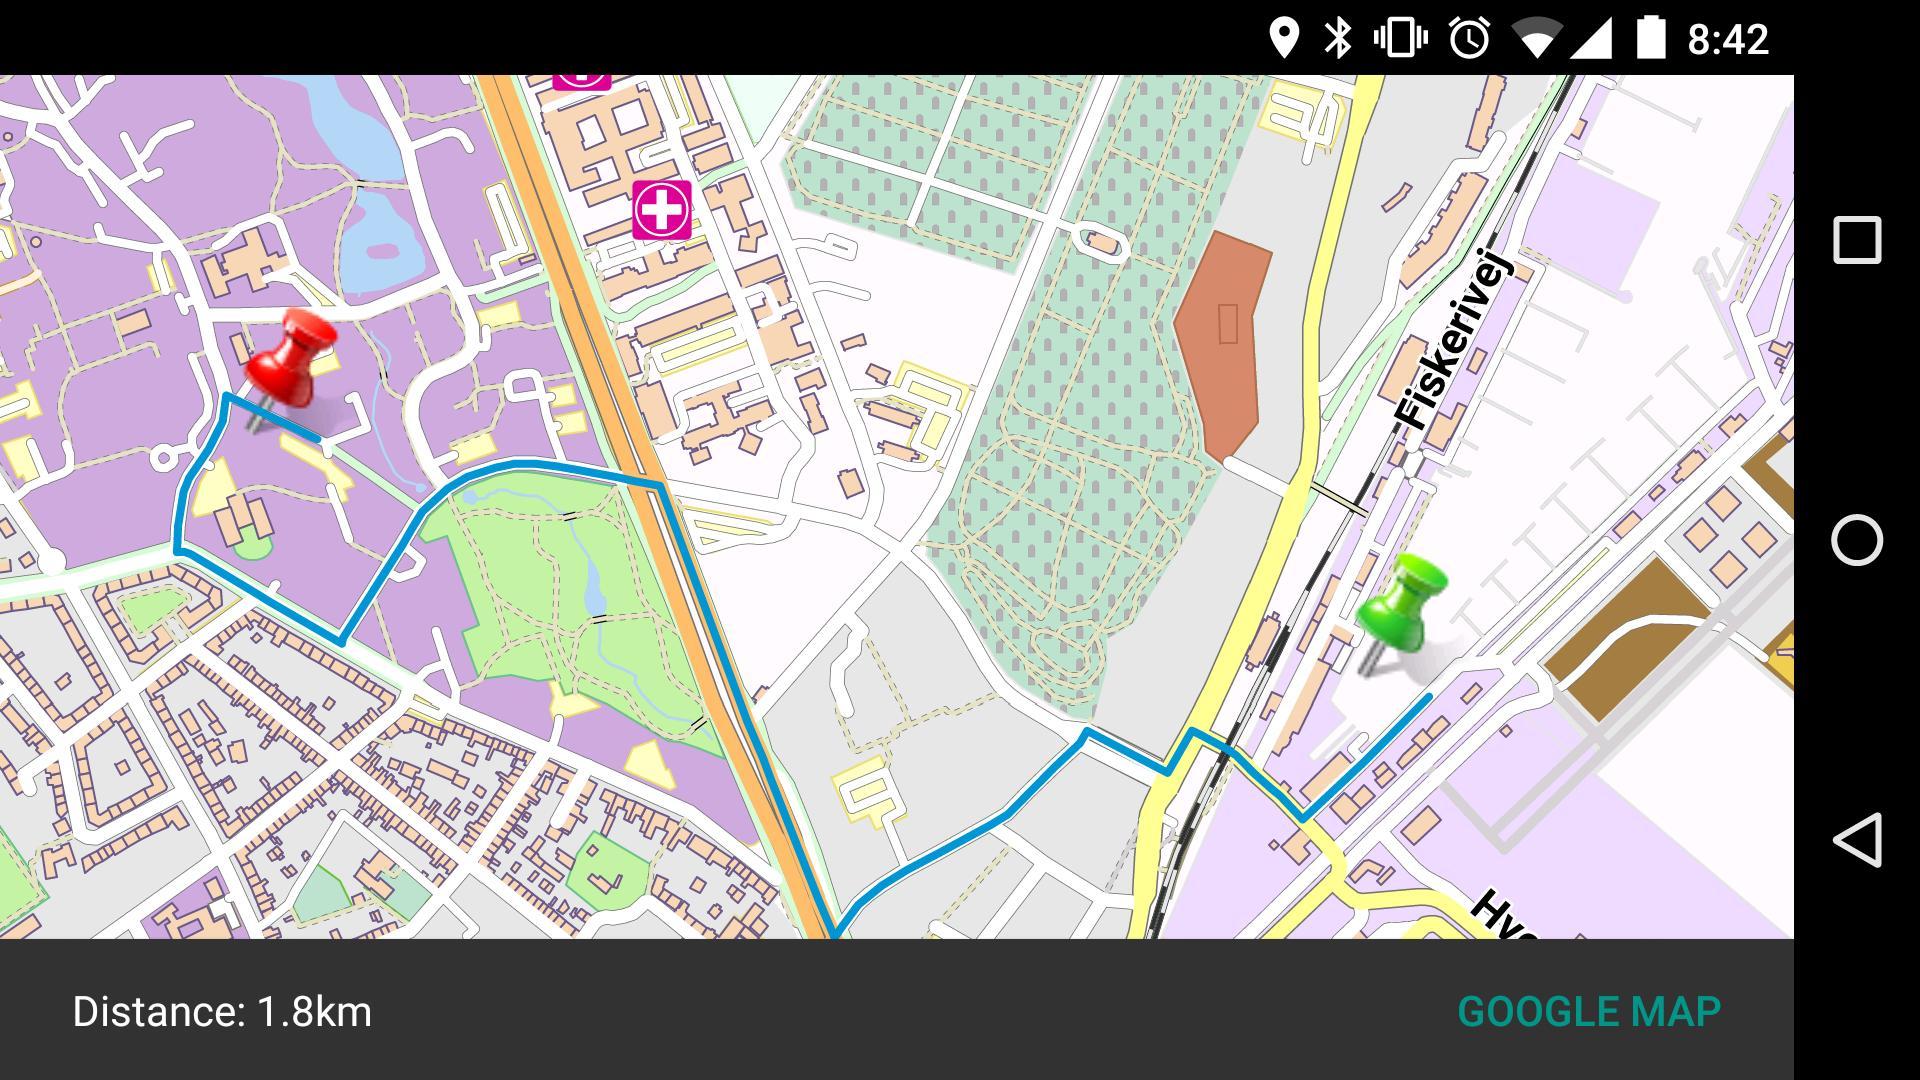 Map Of Spain Vigo.Vigo Spain Map For Android Apk Download